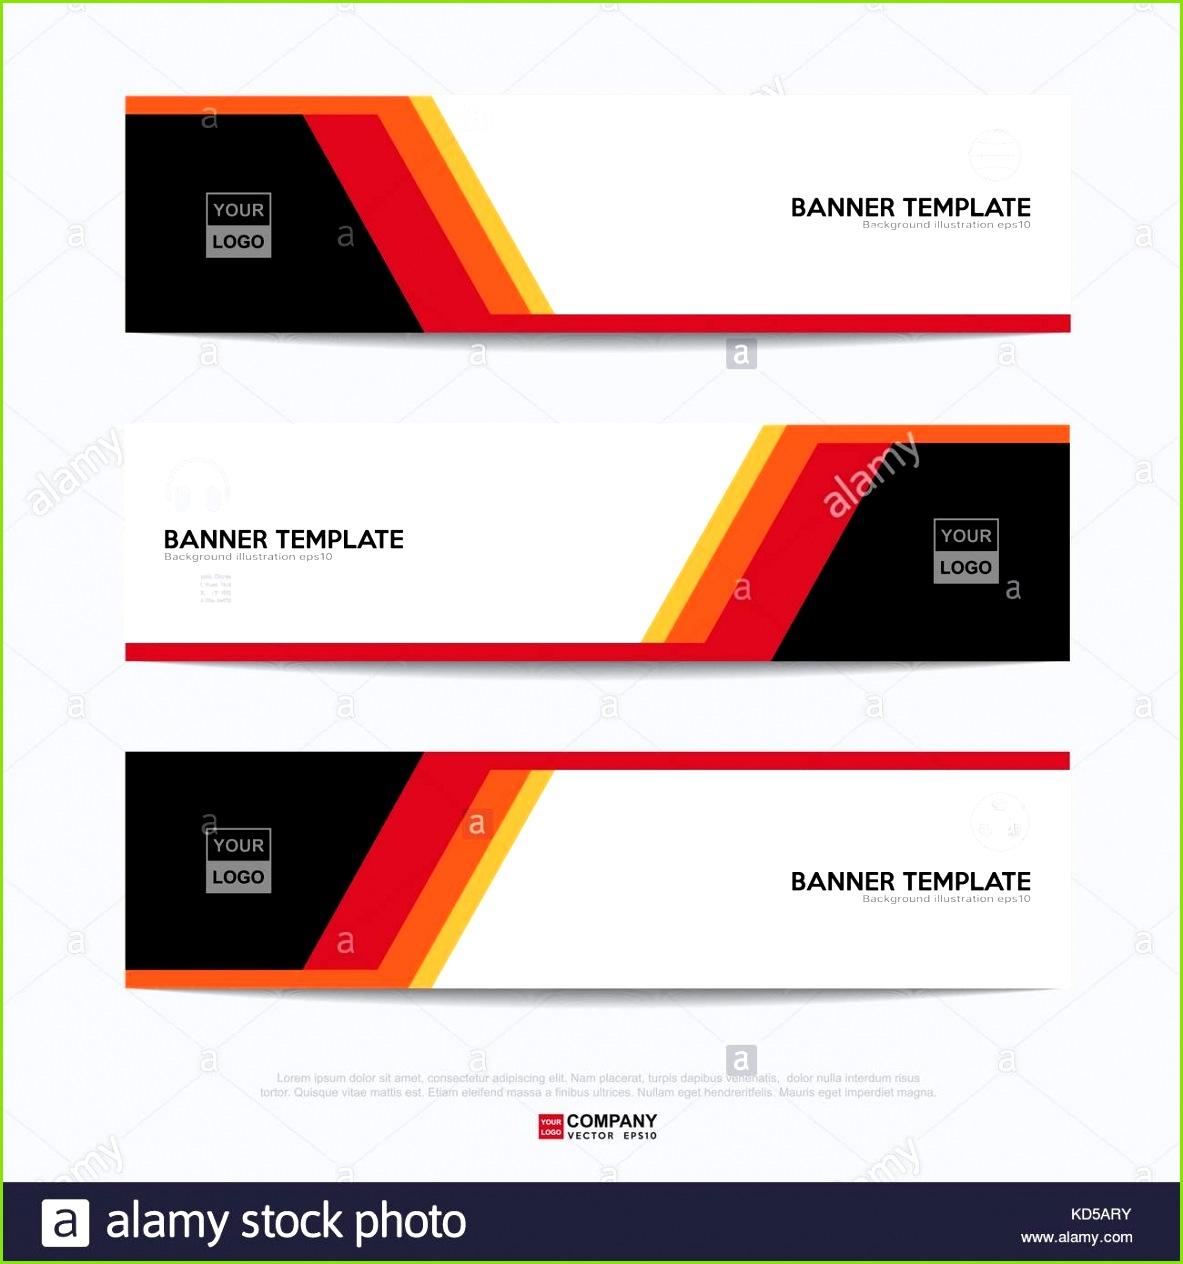 Flyer Website Templates Beautiful Gestaltung Von Flyer Banner Broschüren Und Karten Vorlage Banner